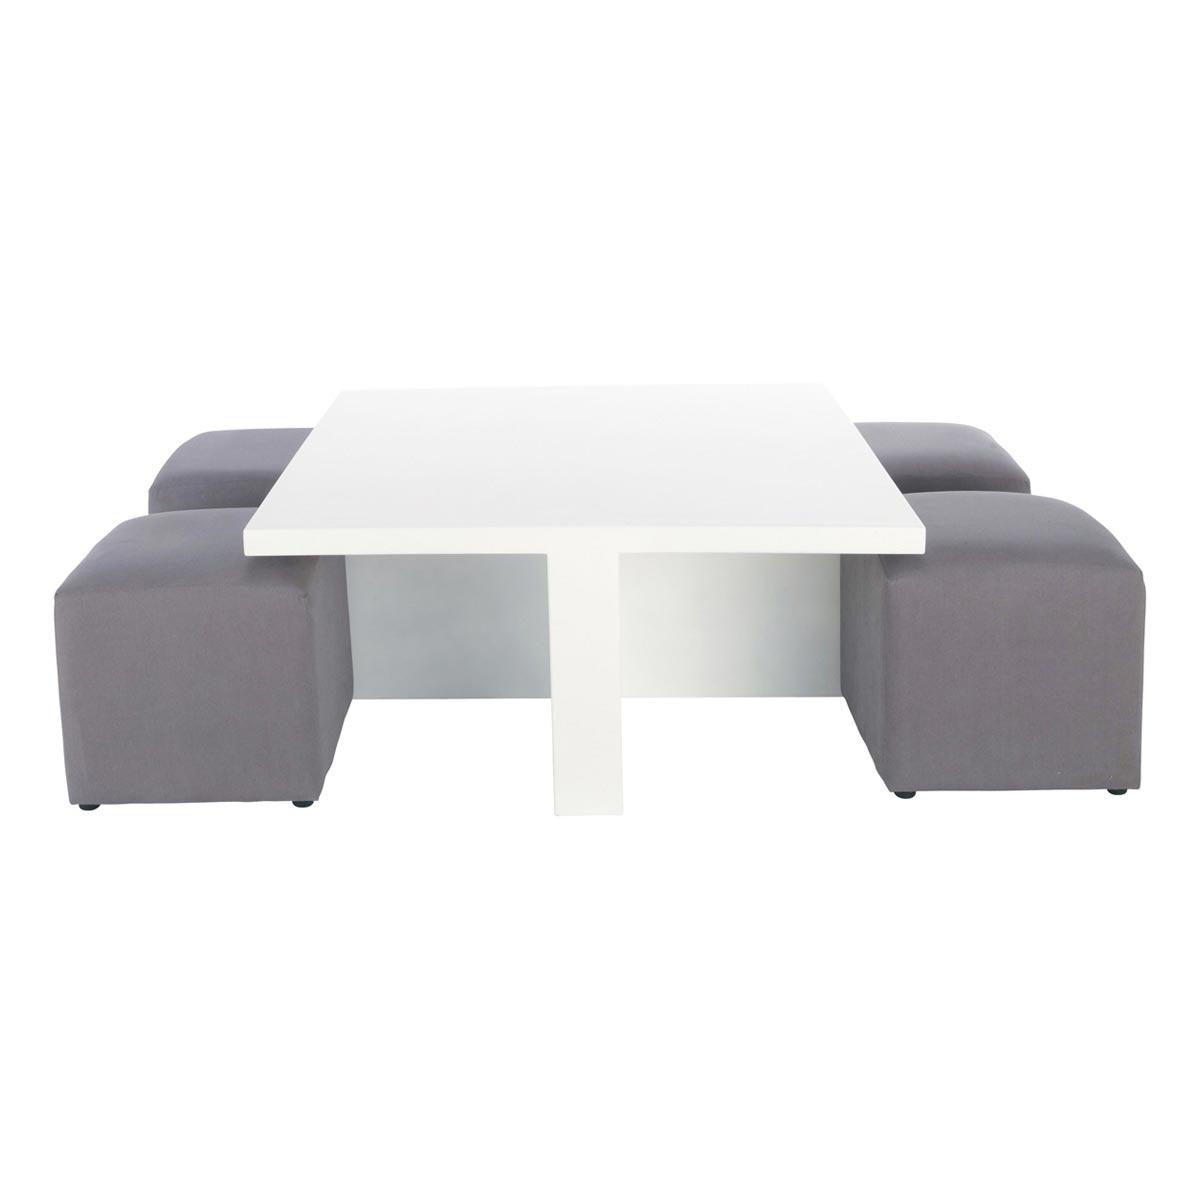 Table basse avec pouf design en image - Table basse s avec pouf ...